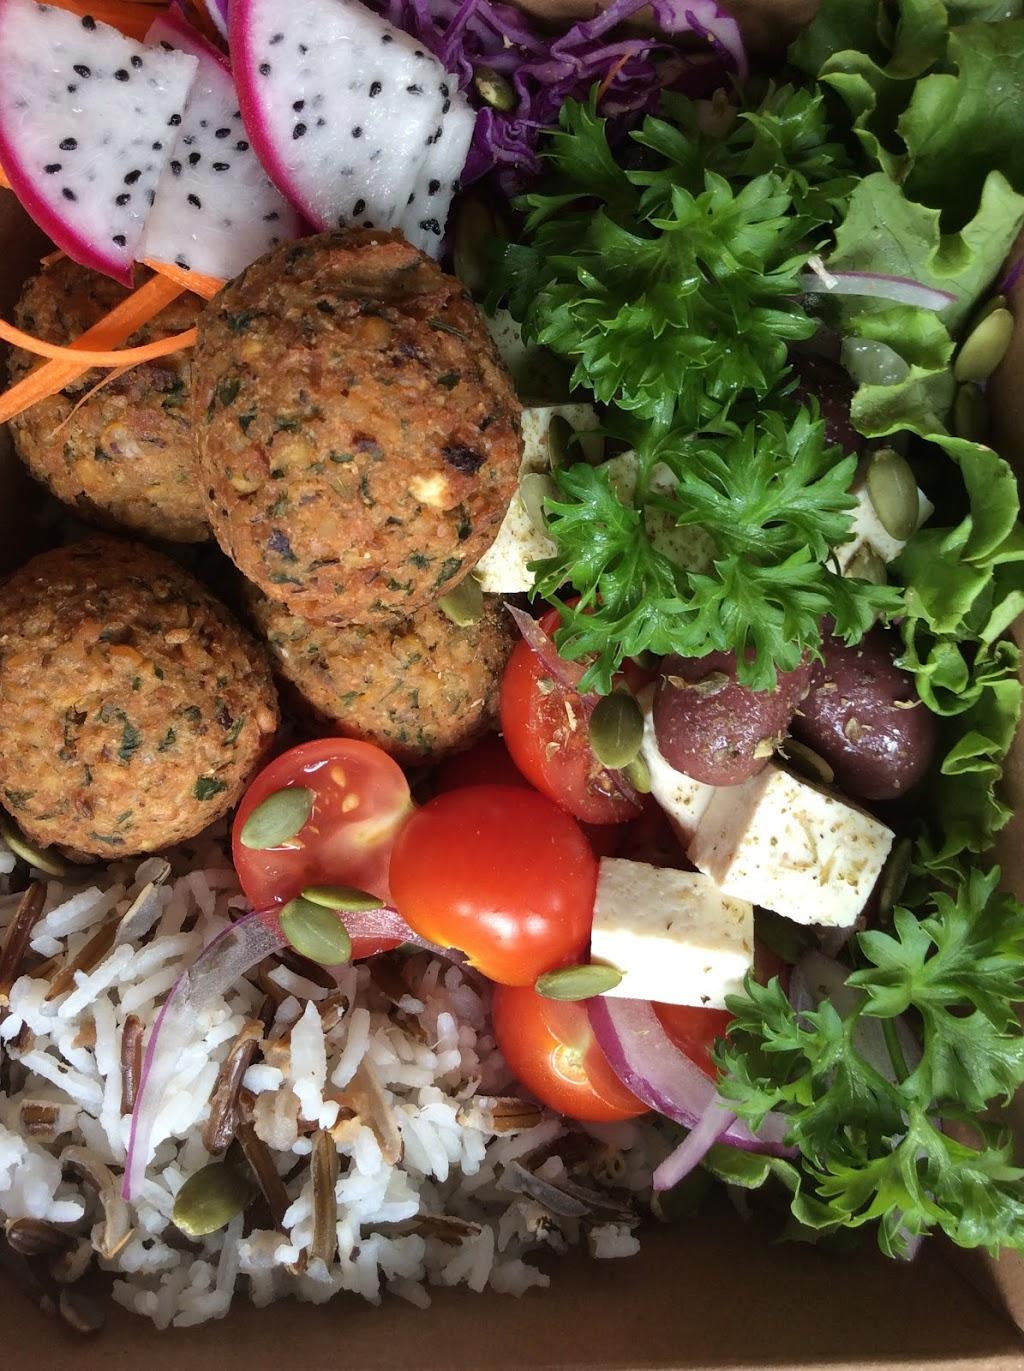 Cuit-Zen/cuisine végétale/pour emporter | cafe | 35 Chemin de Vale Perkins, Mansonville, QC J0E 1X0, Canada | 4502924895 OR +1 450-292-4895